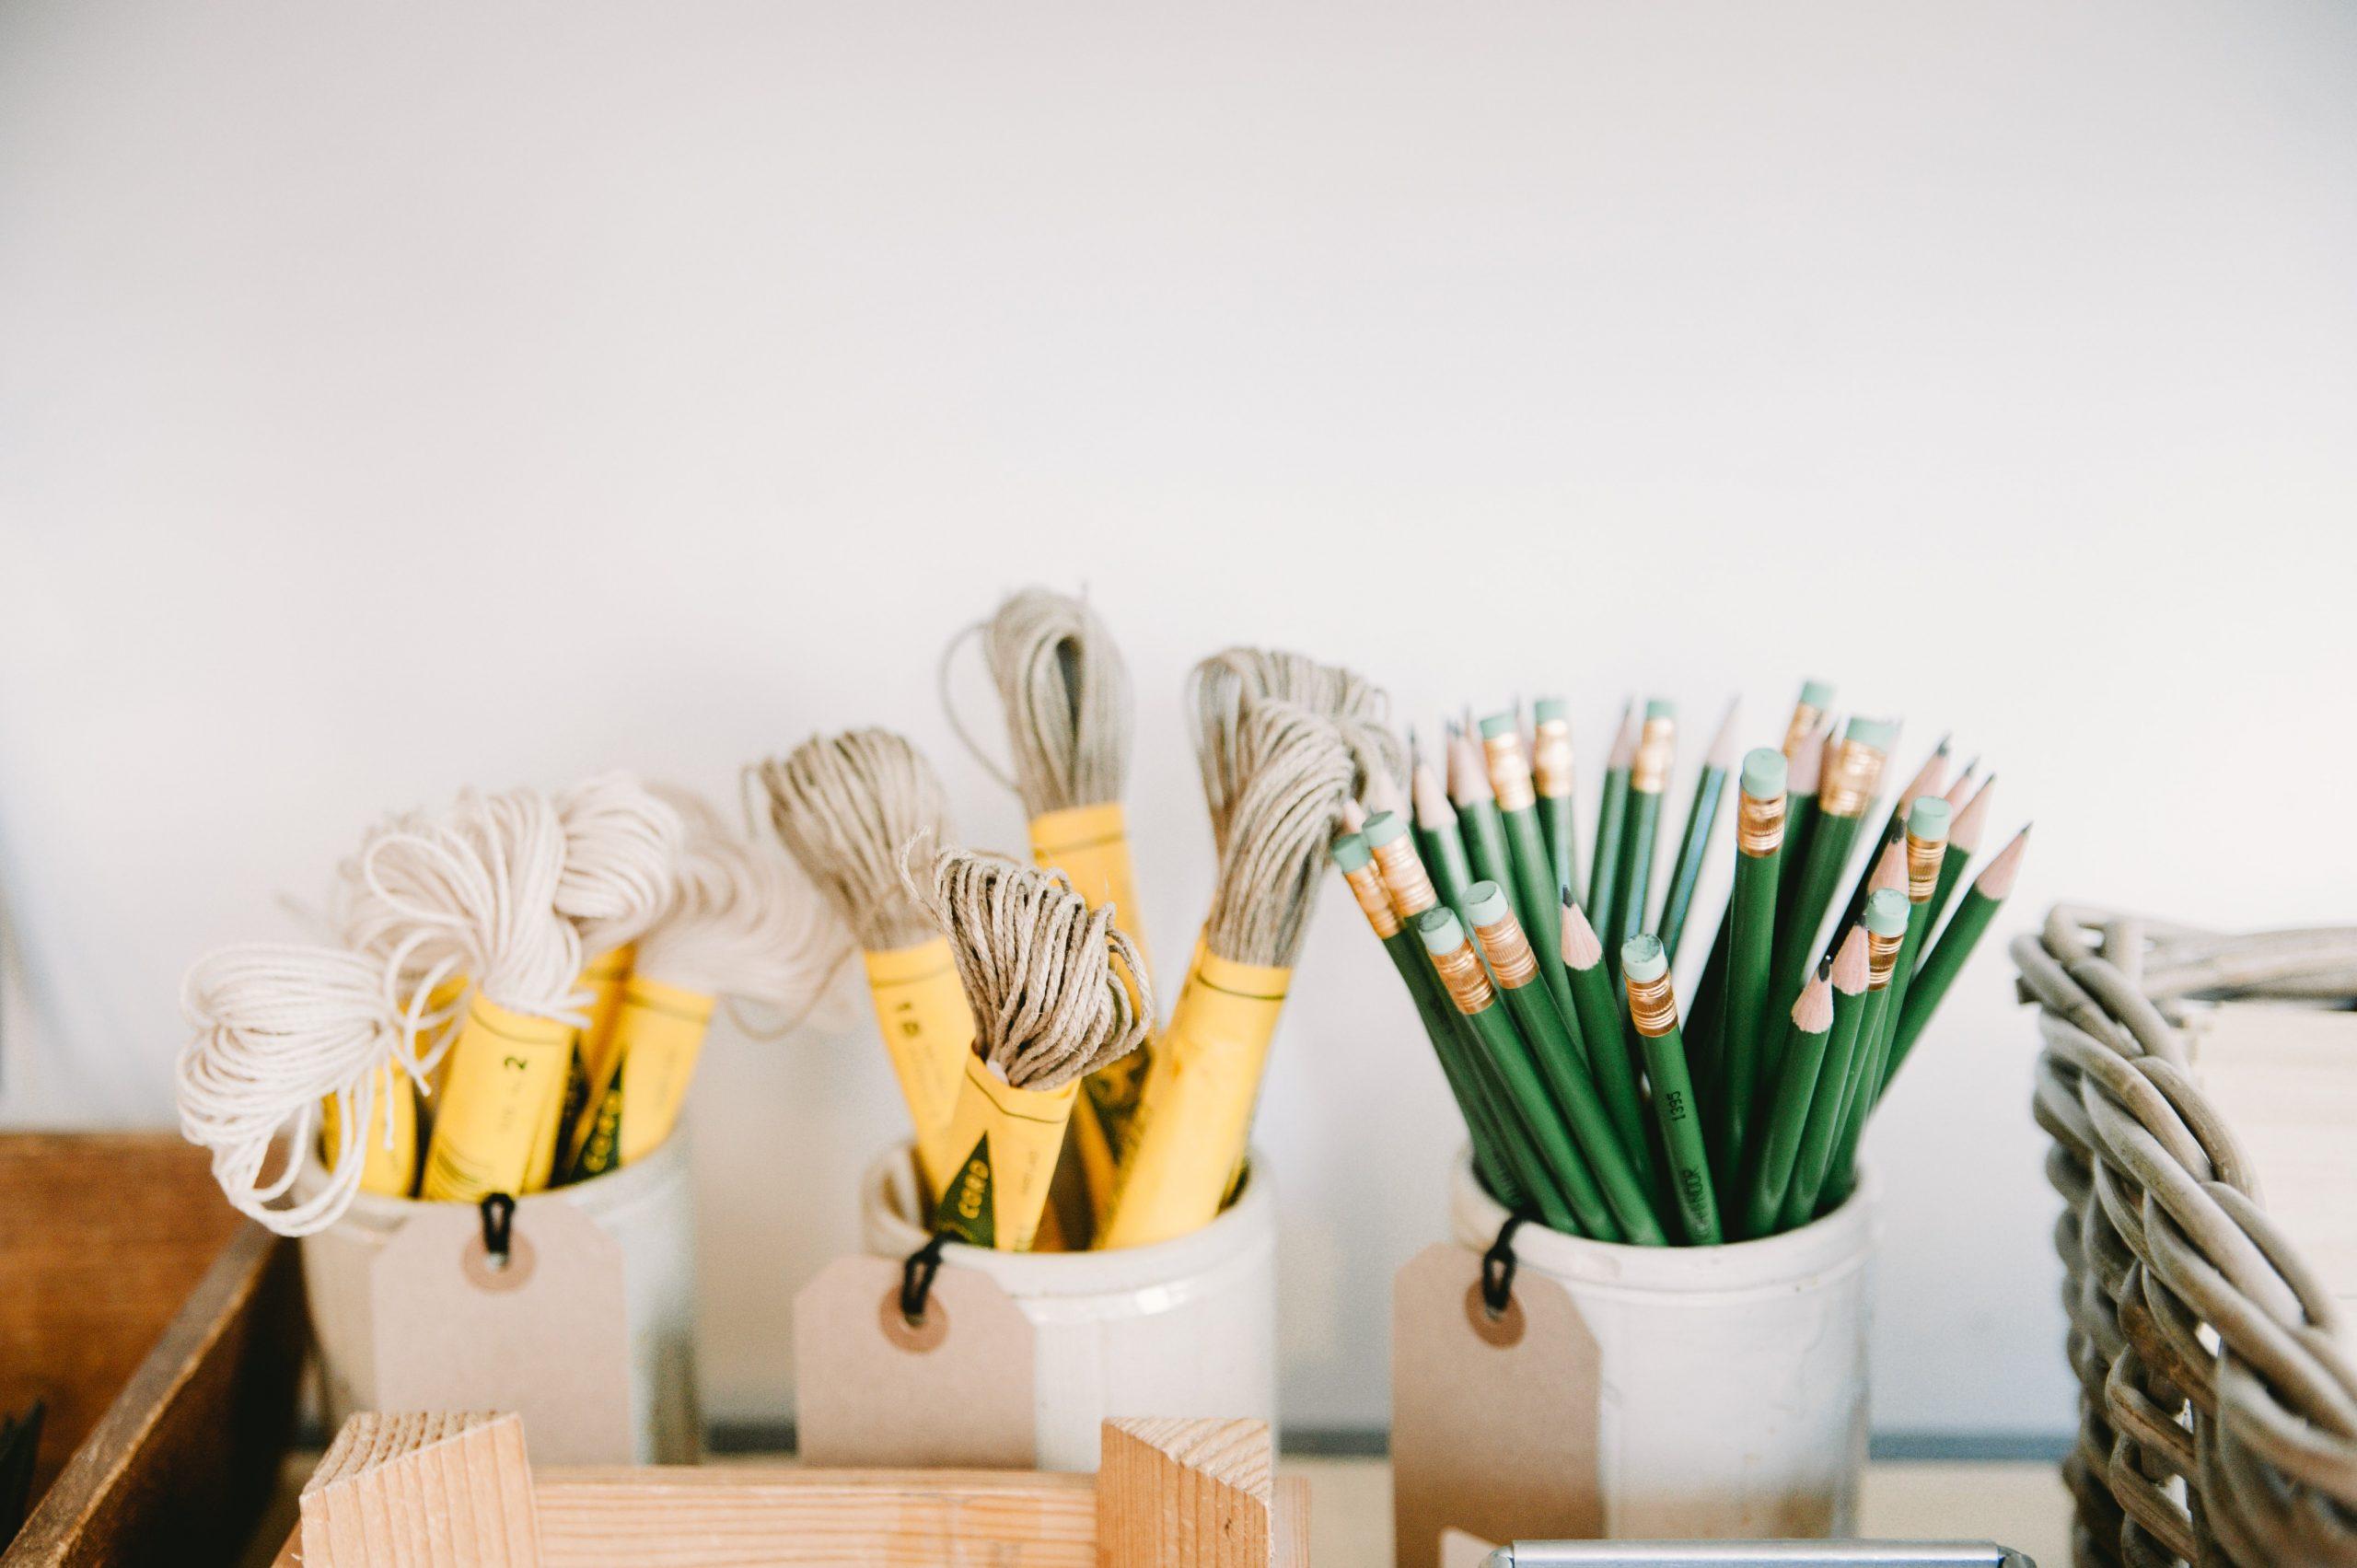 Lápices y tiralineas sobre la mesa